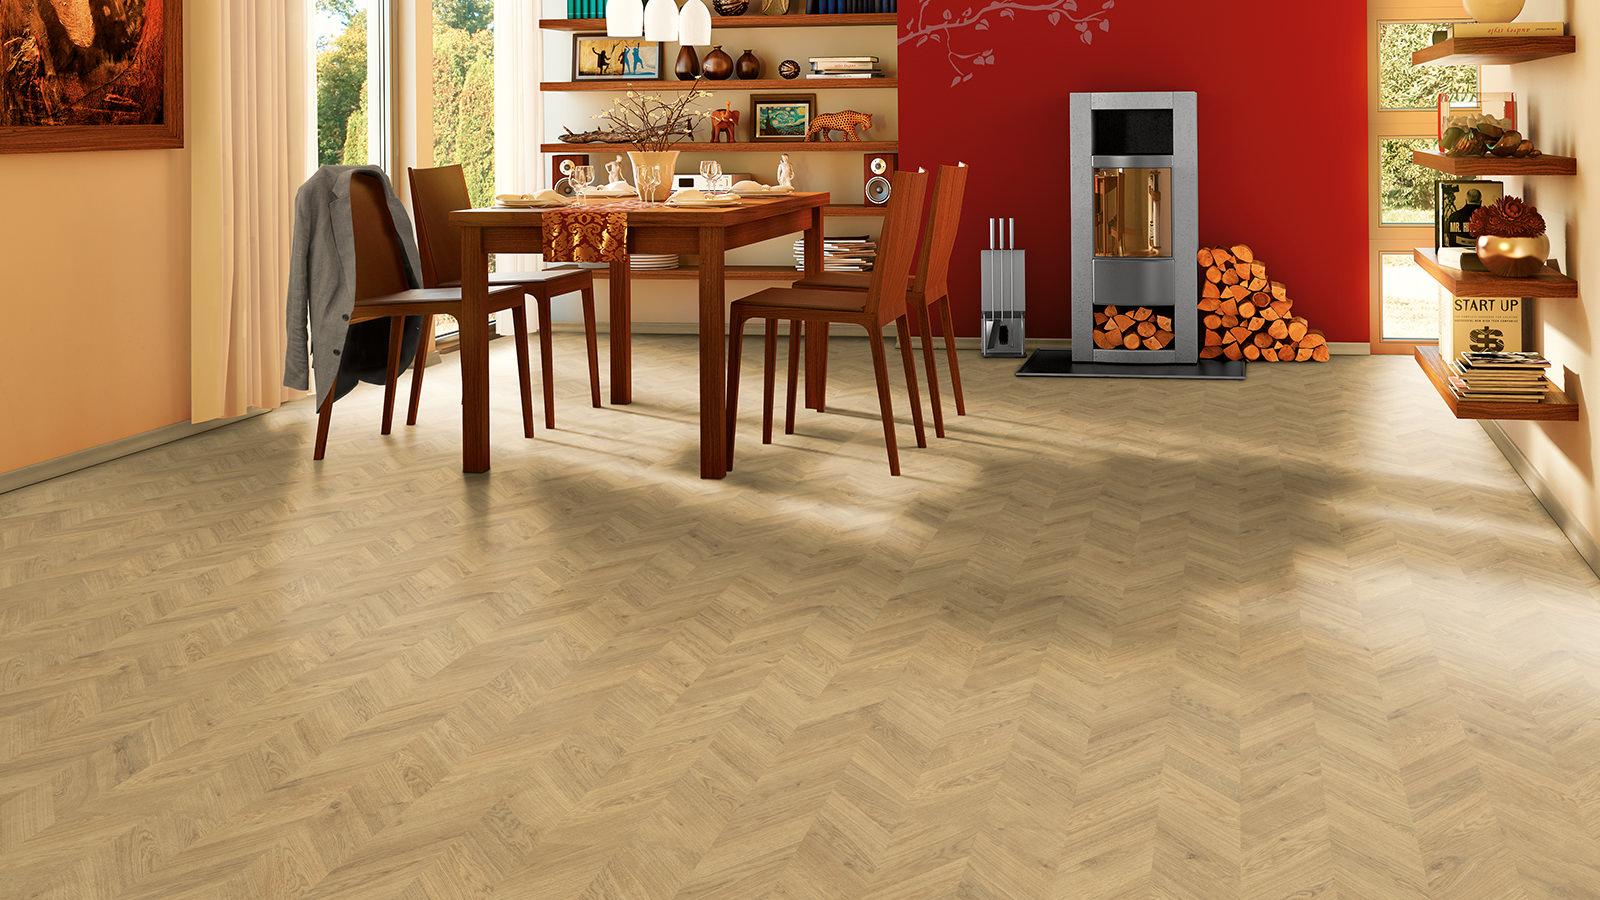 Stile classico i pavimenti per ogni ambiente della tua for Casa stile classico